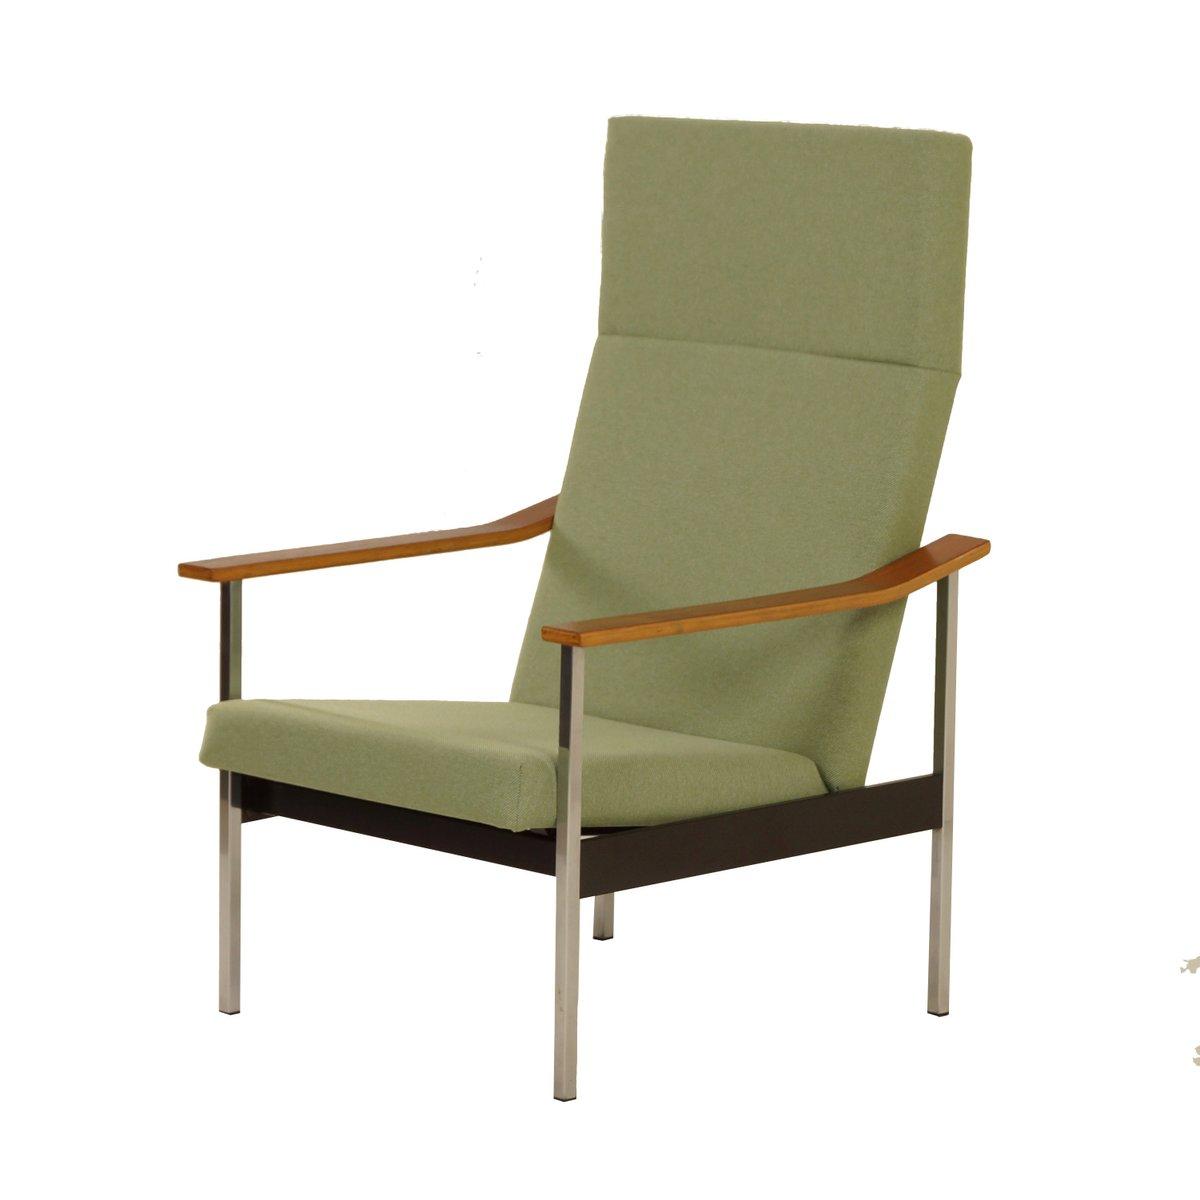 Verstellbarer 1425 Armlehnstuhl von Coen de Vries für Gispen, 1960er